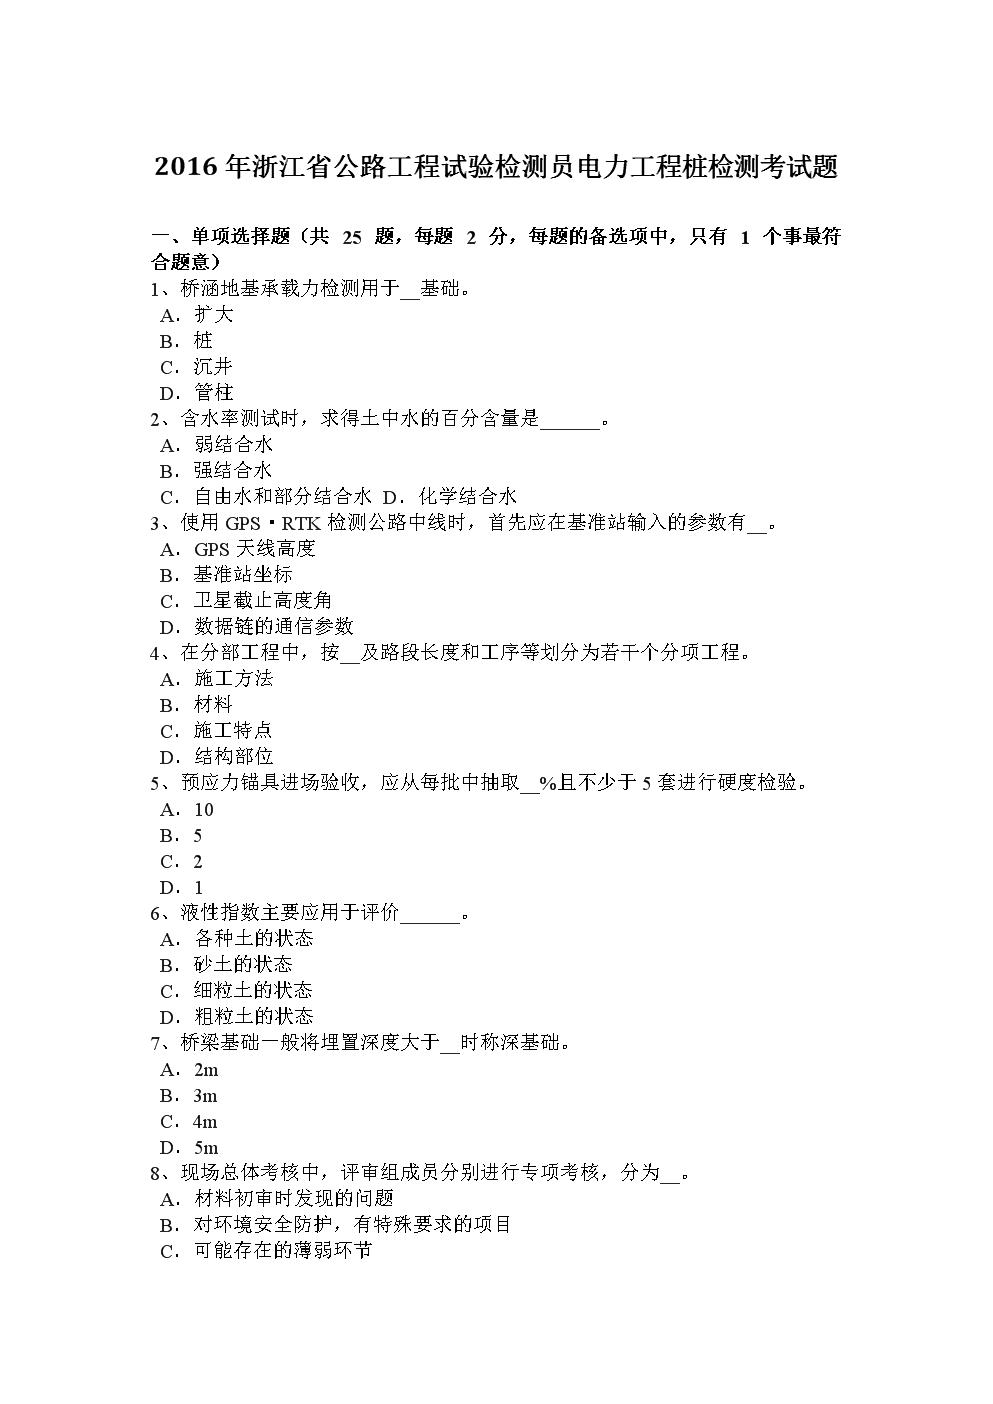 浙江省公路工程试验检测员电力工程桩检测考试题.doc